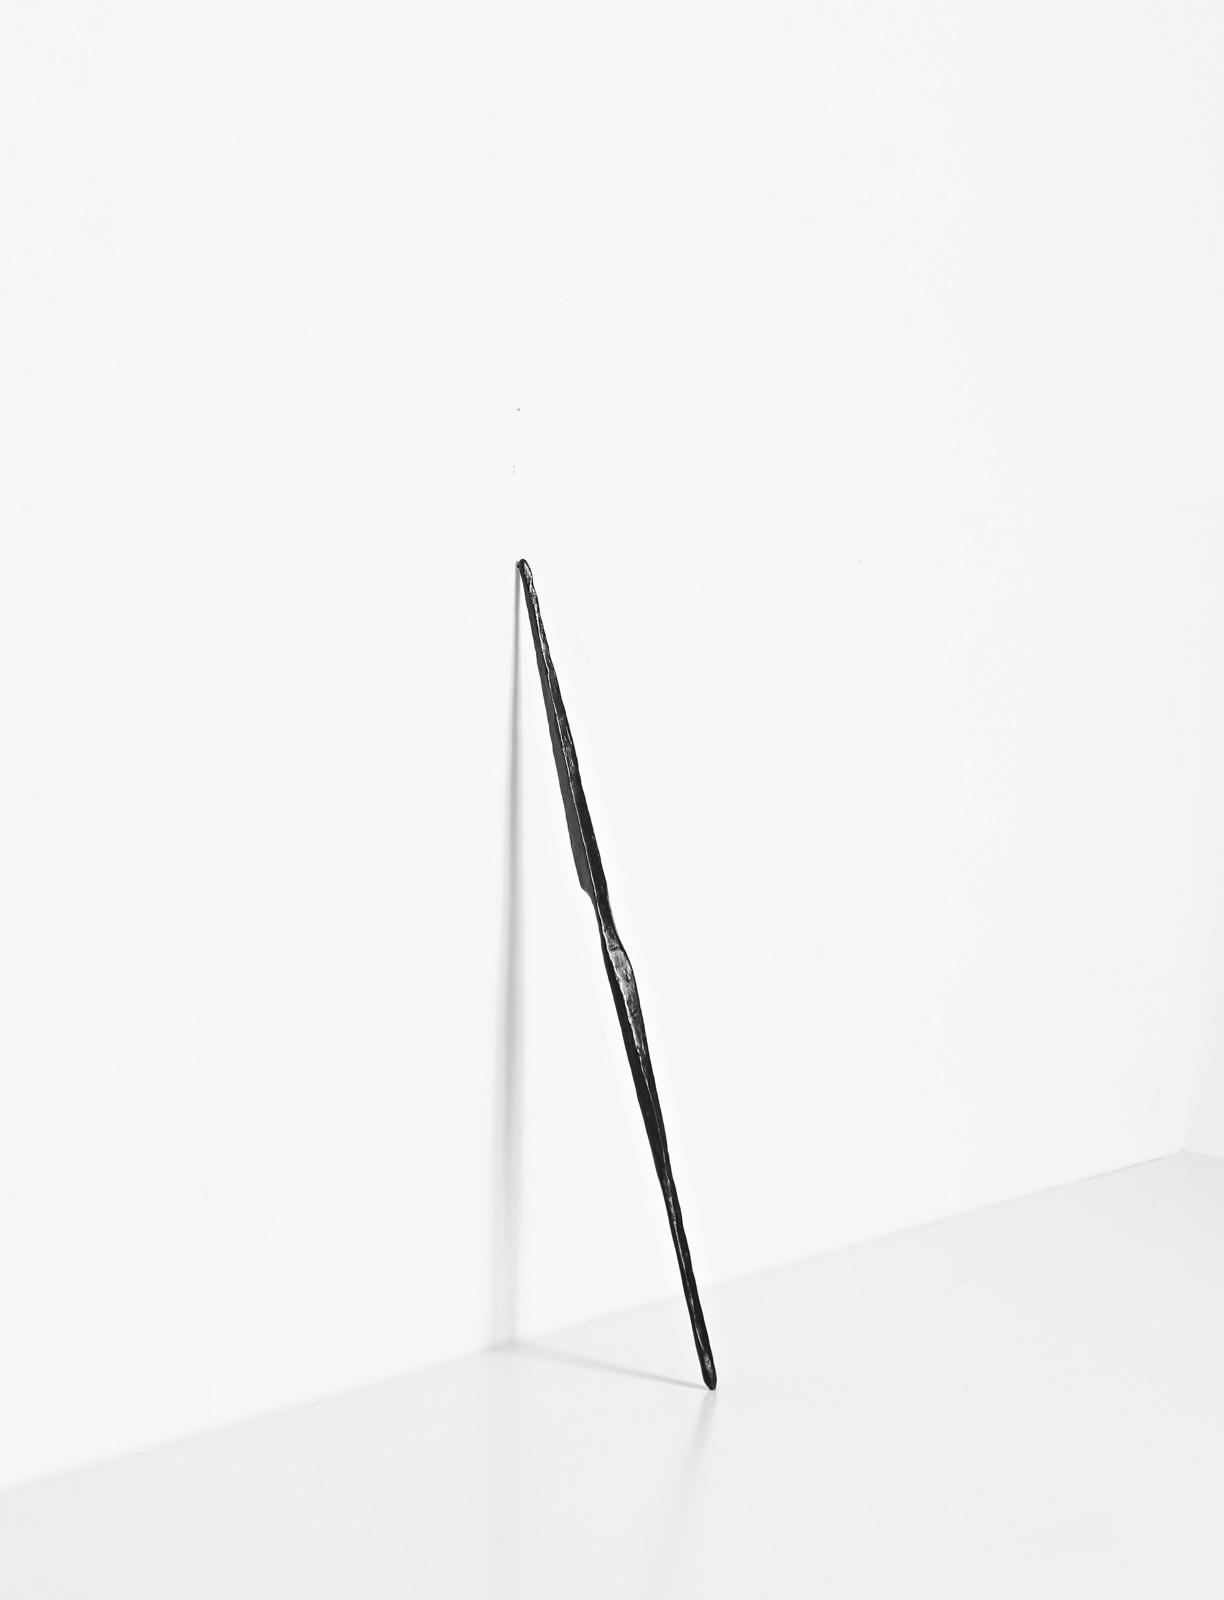 Sculpture XIII, 1995, bronze, height 42,5 cm, ed. 6 (JG s 38)